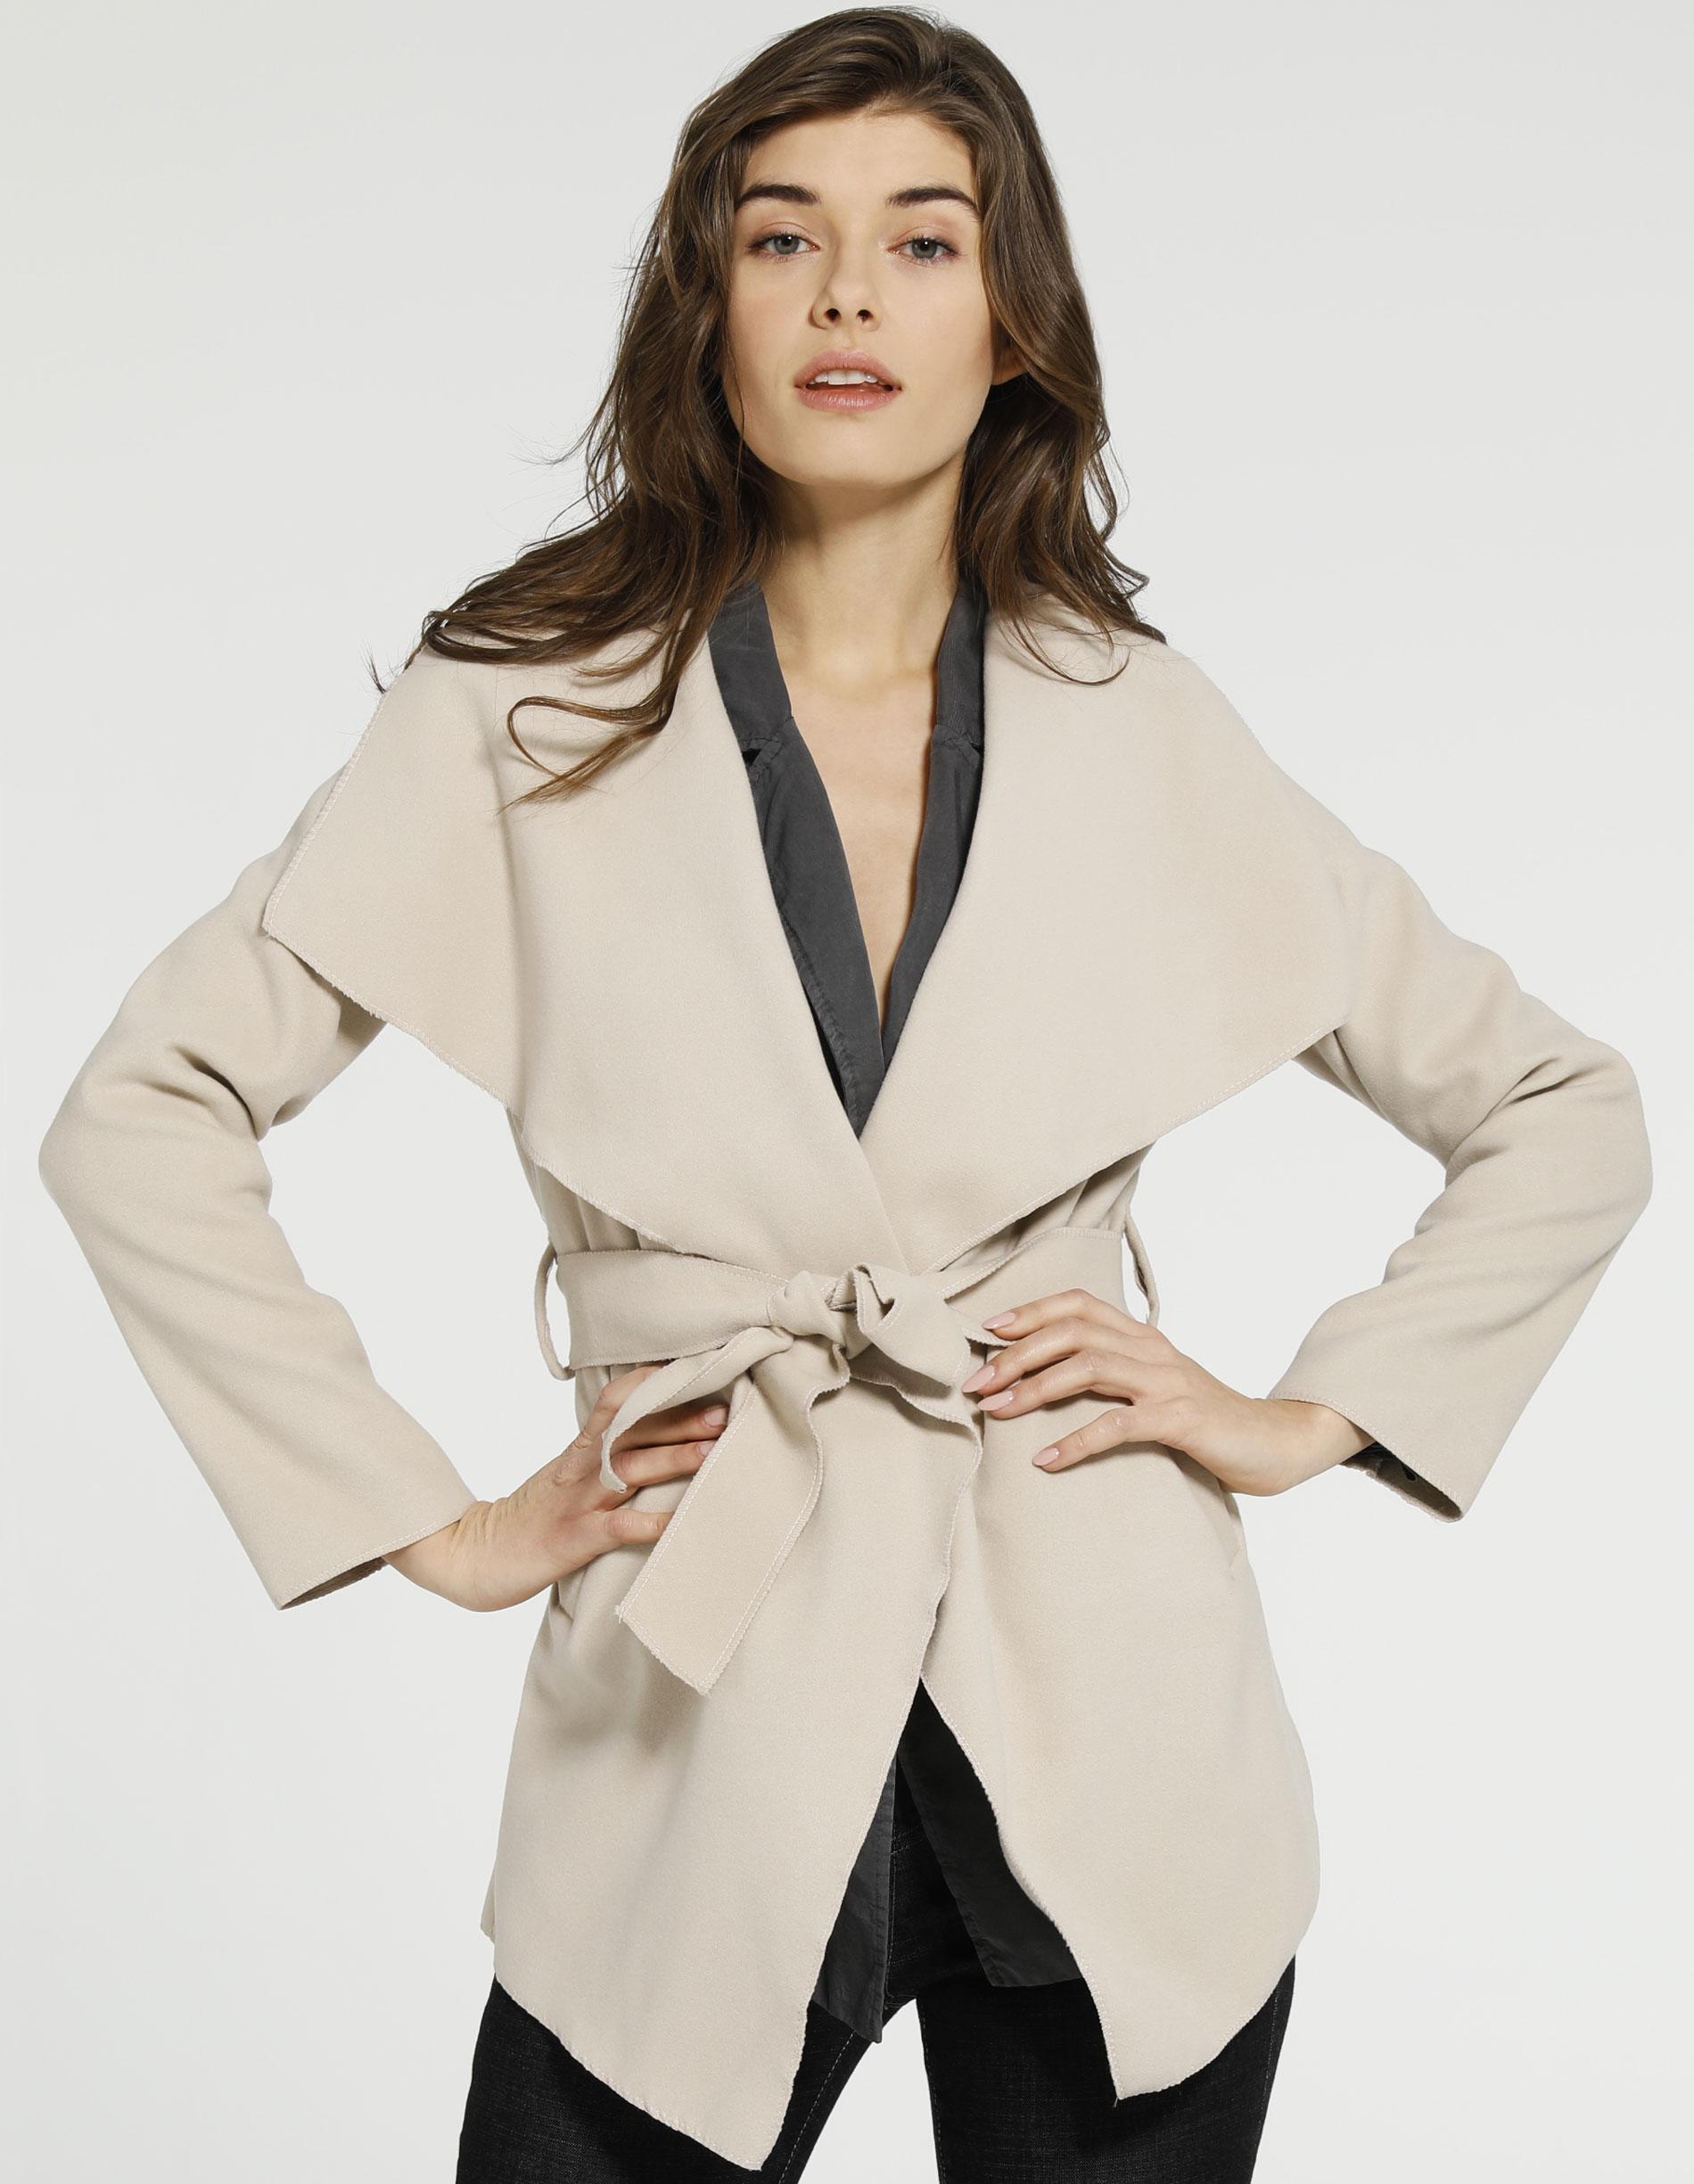 Płaszcz materiałowy - 71-21726 BEIG - Unisono